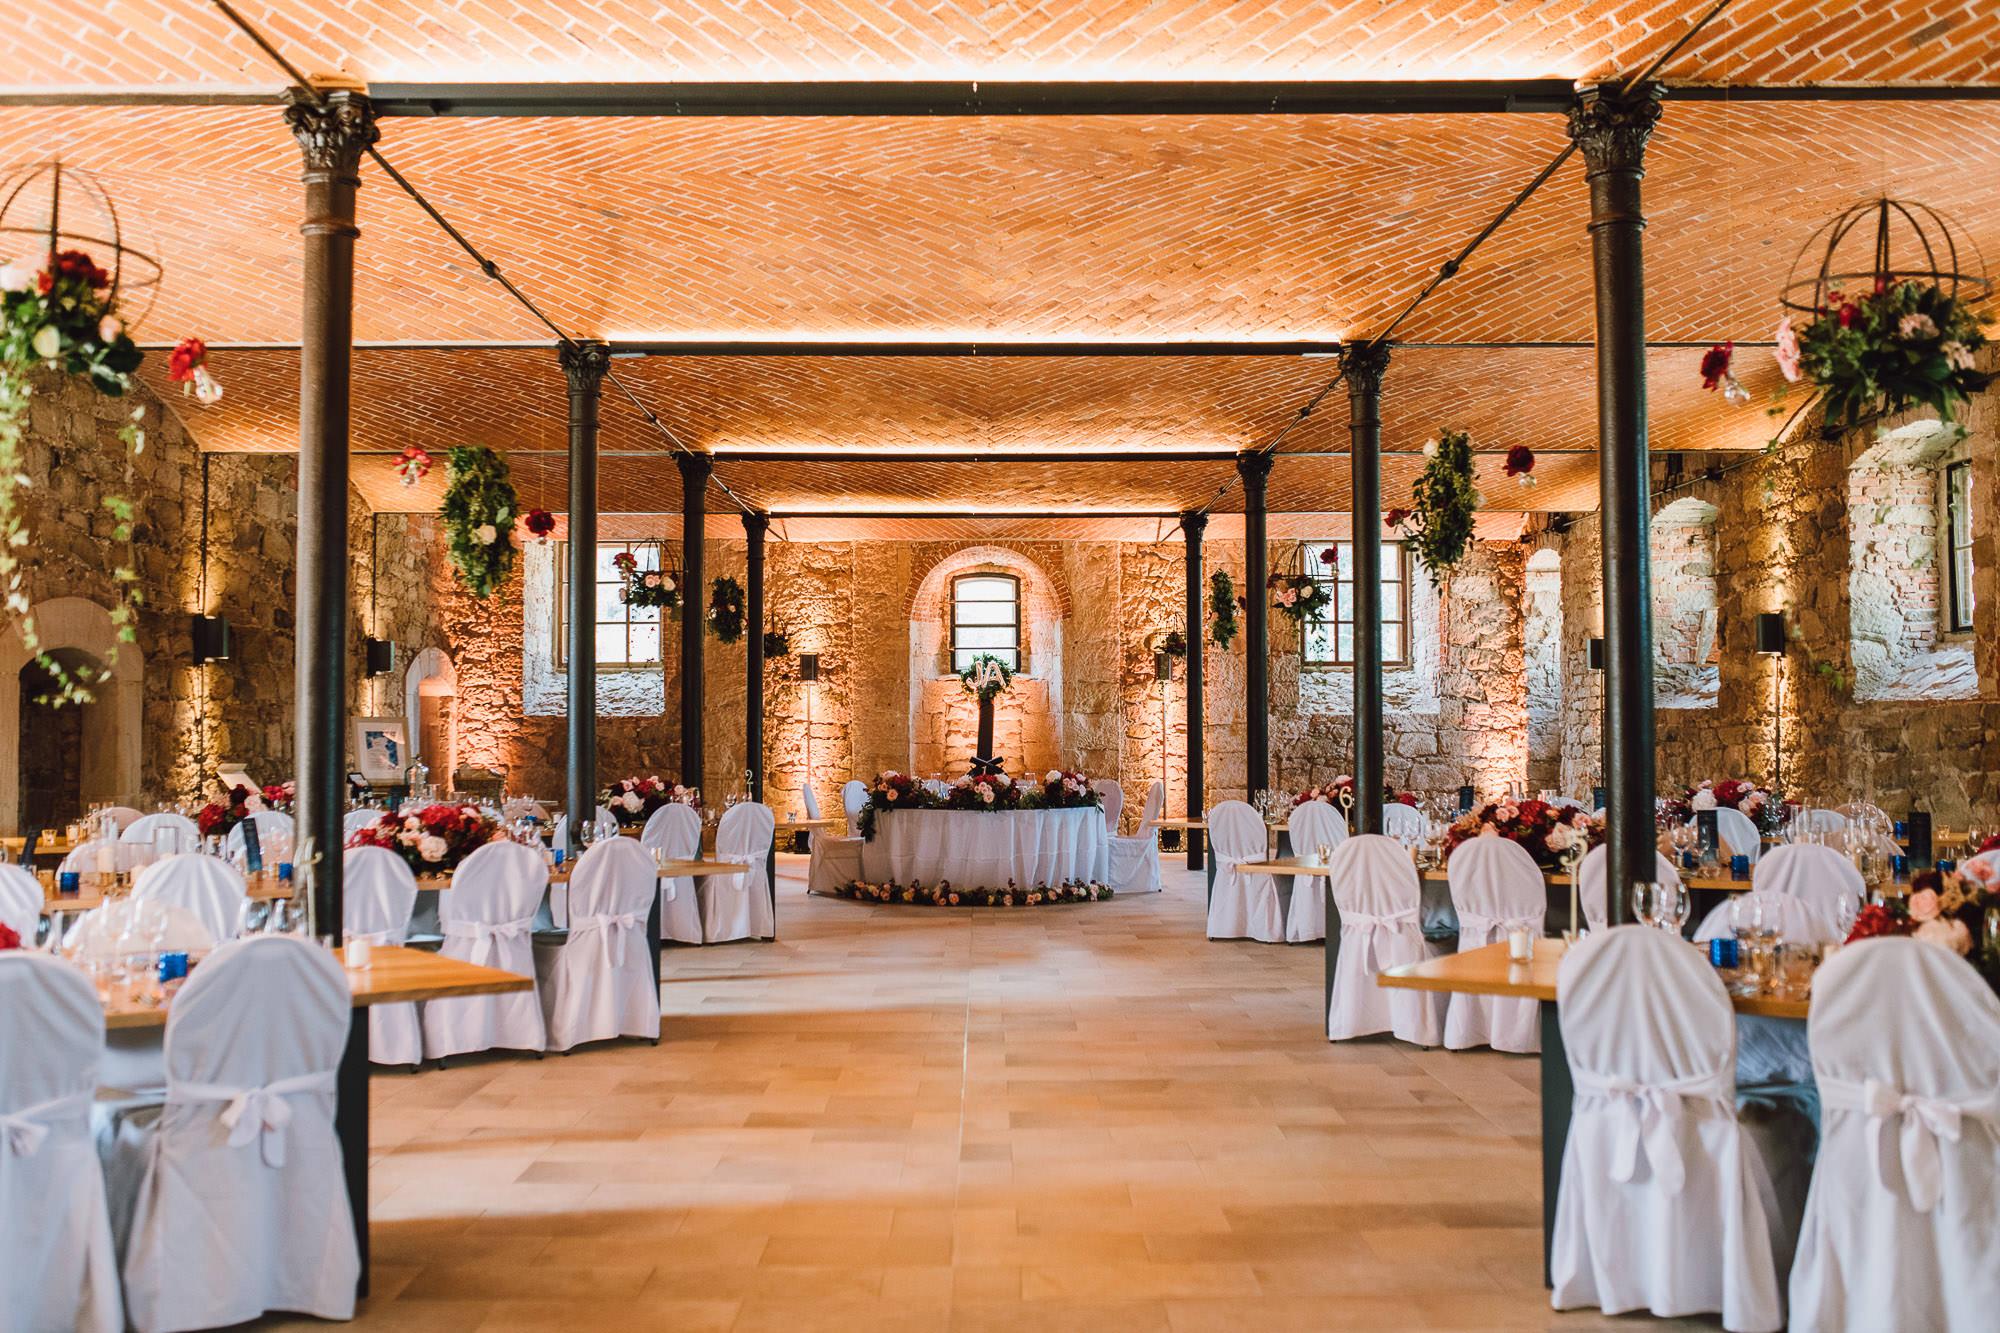 rustic-elegant-wedding-schloss-hochzeit-eyrichshof-franken-bamberg-109